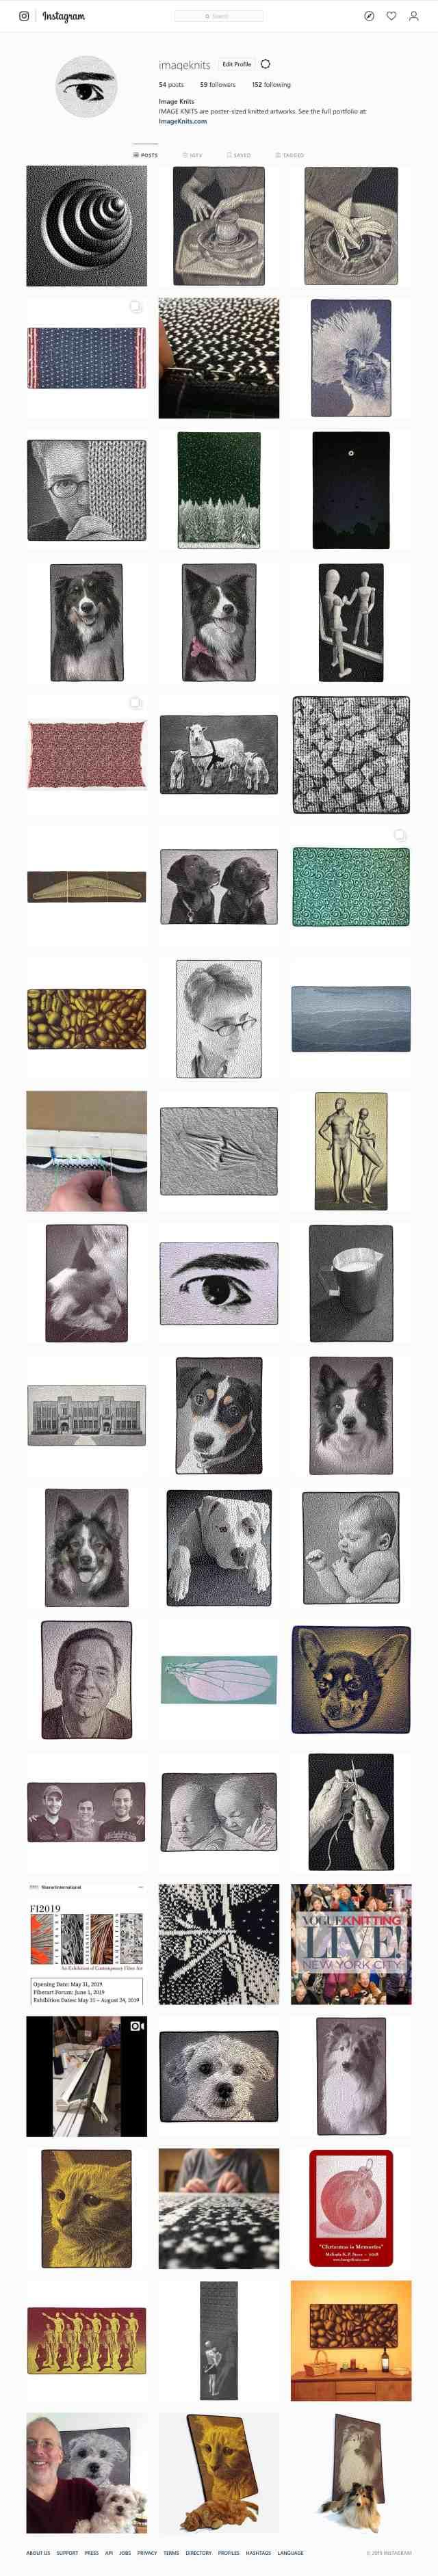 Instagram portfolio scrolling capture 2019-01-22_21-22-34